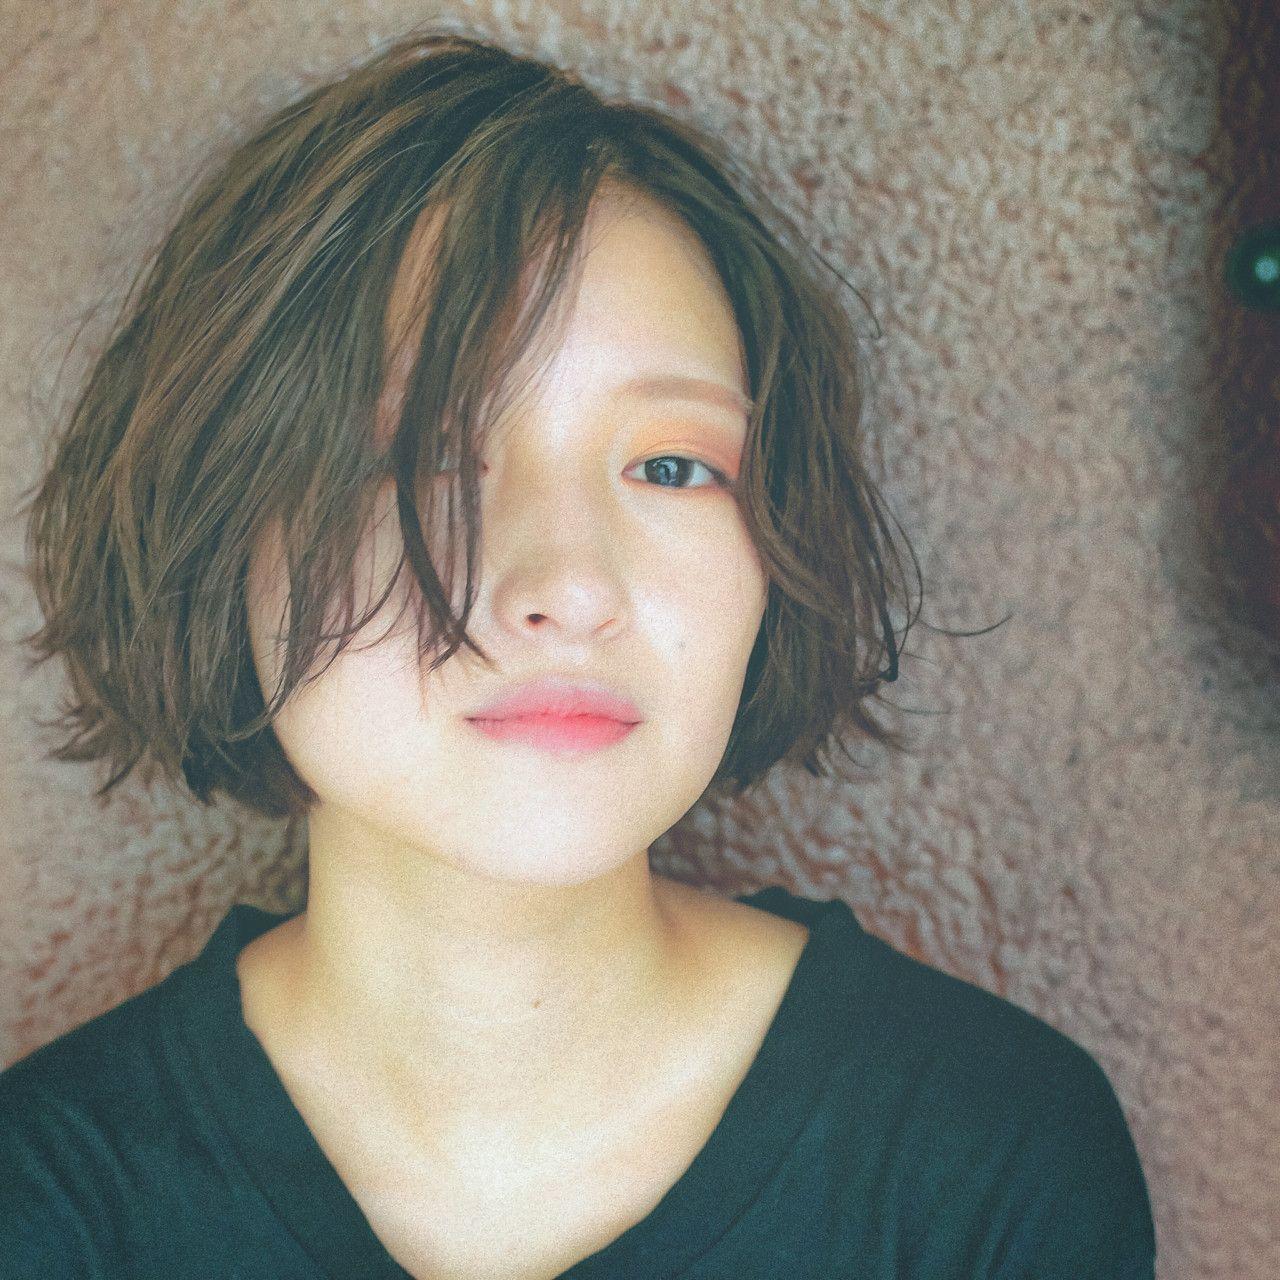 河津佑輝さんのヘアカタログ | アッシュ,前髪,クセっぽニュアンス,カジュアルモード,ブラントボブ | 2016.08.23 00.35 - HAIR